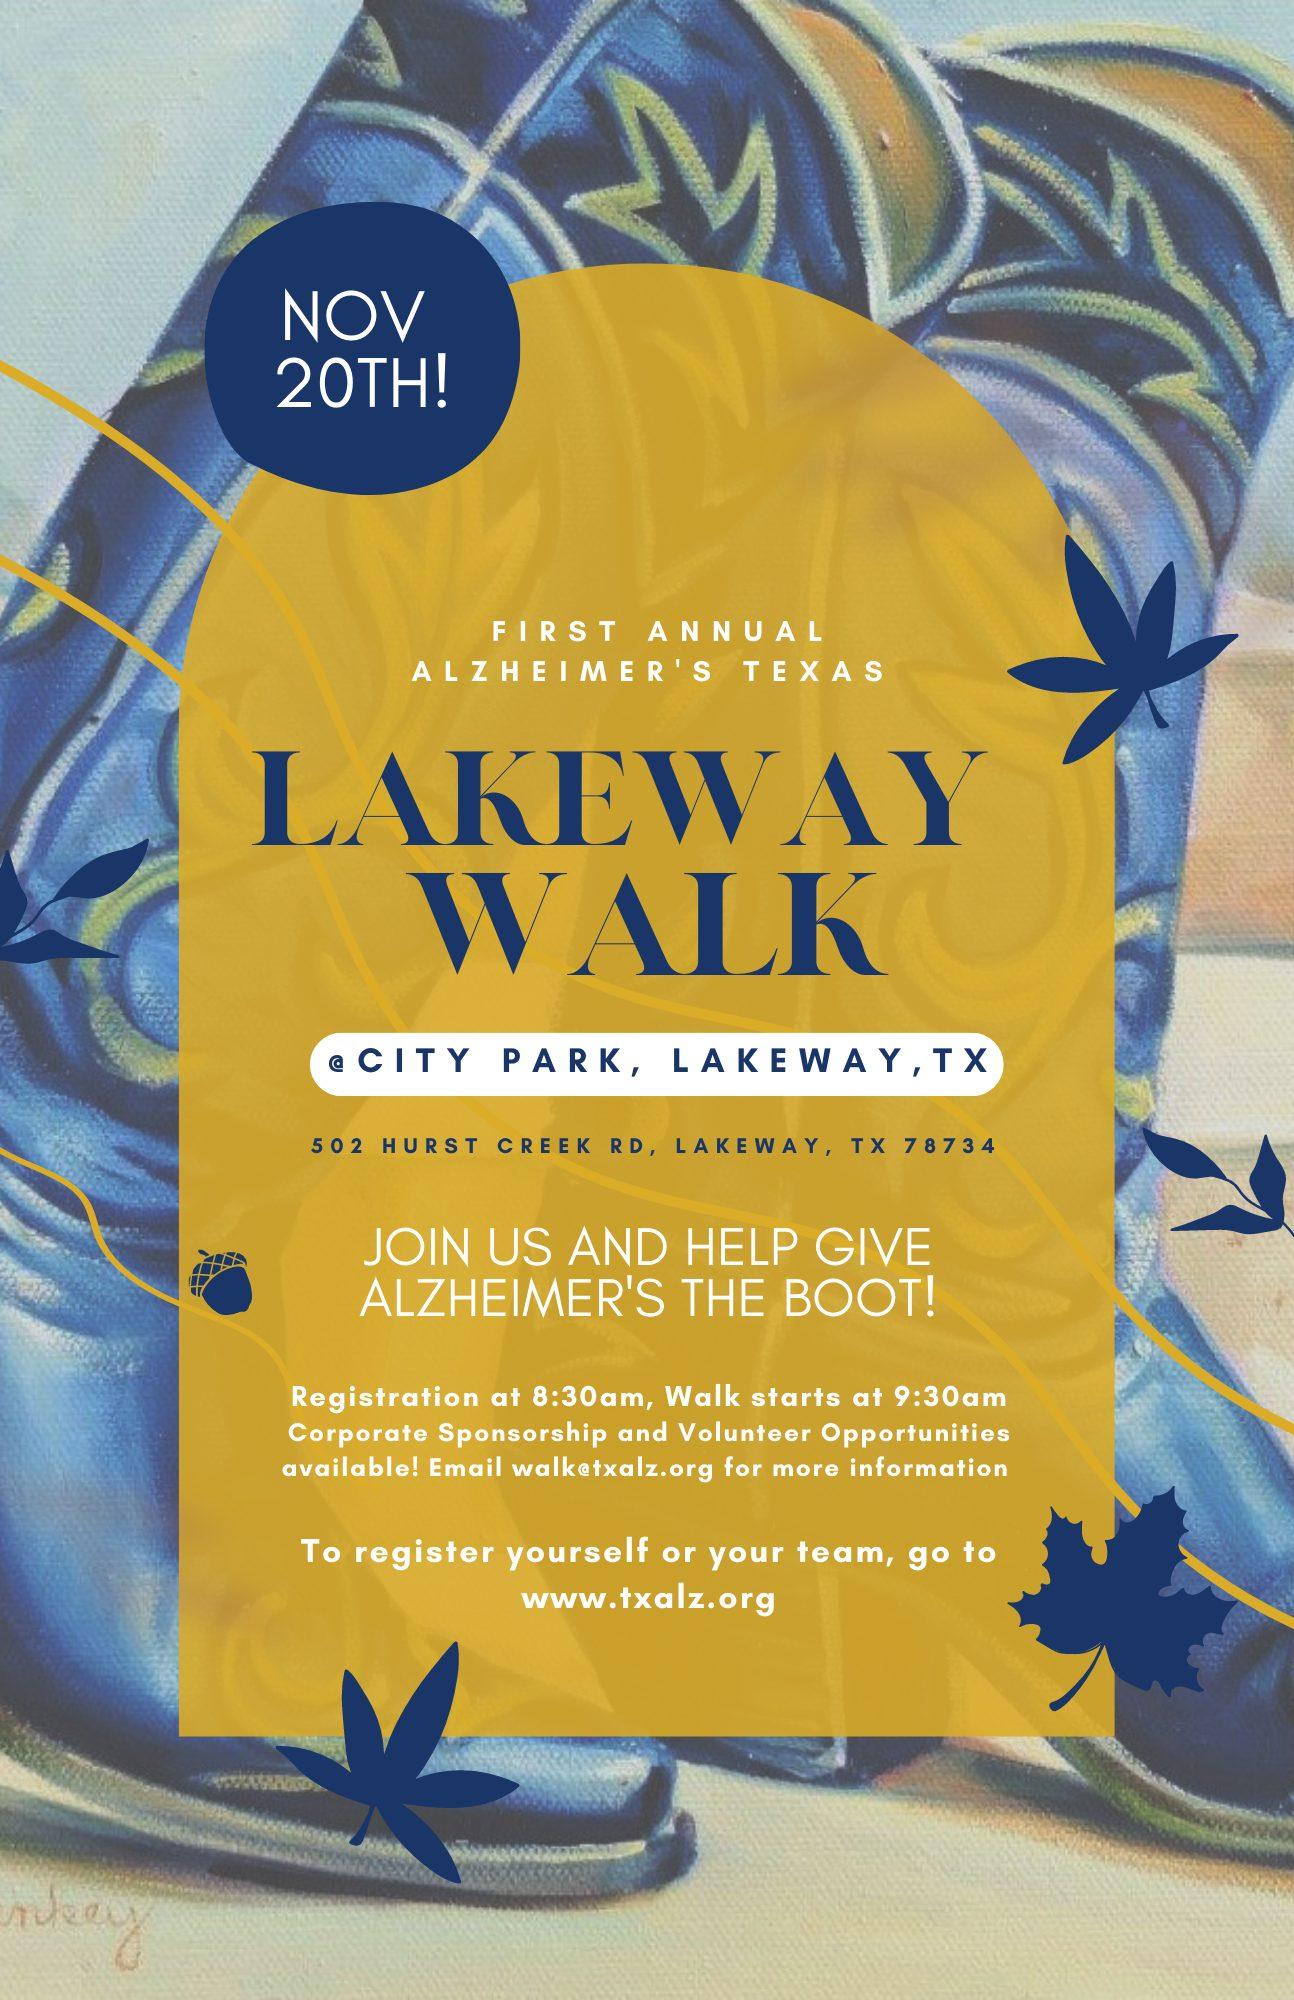 First Annual Alzheimer's Texas Lakeway Walk, Nov. 20th, 2021 at City Park